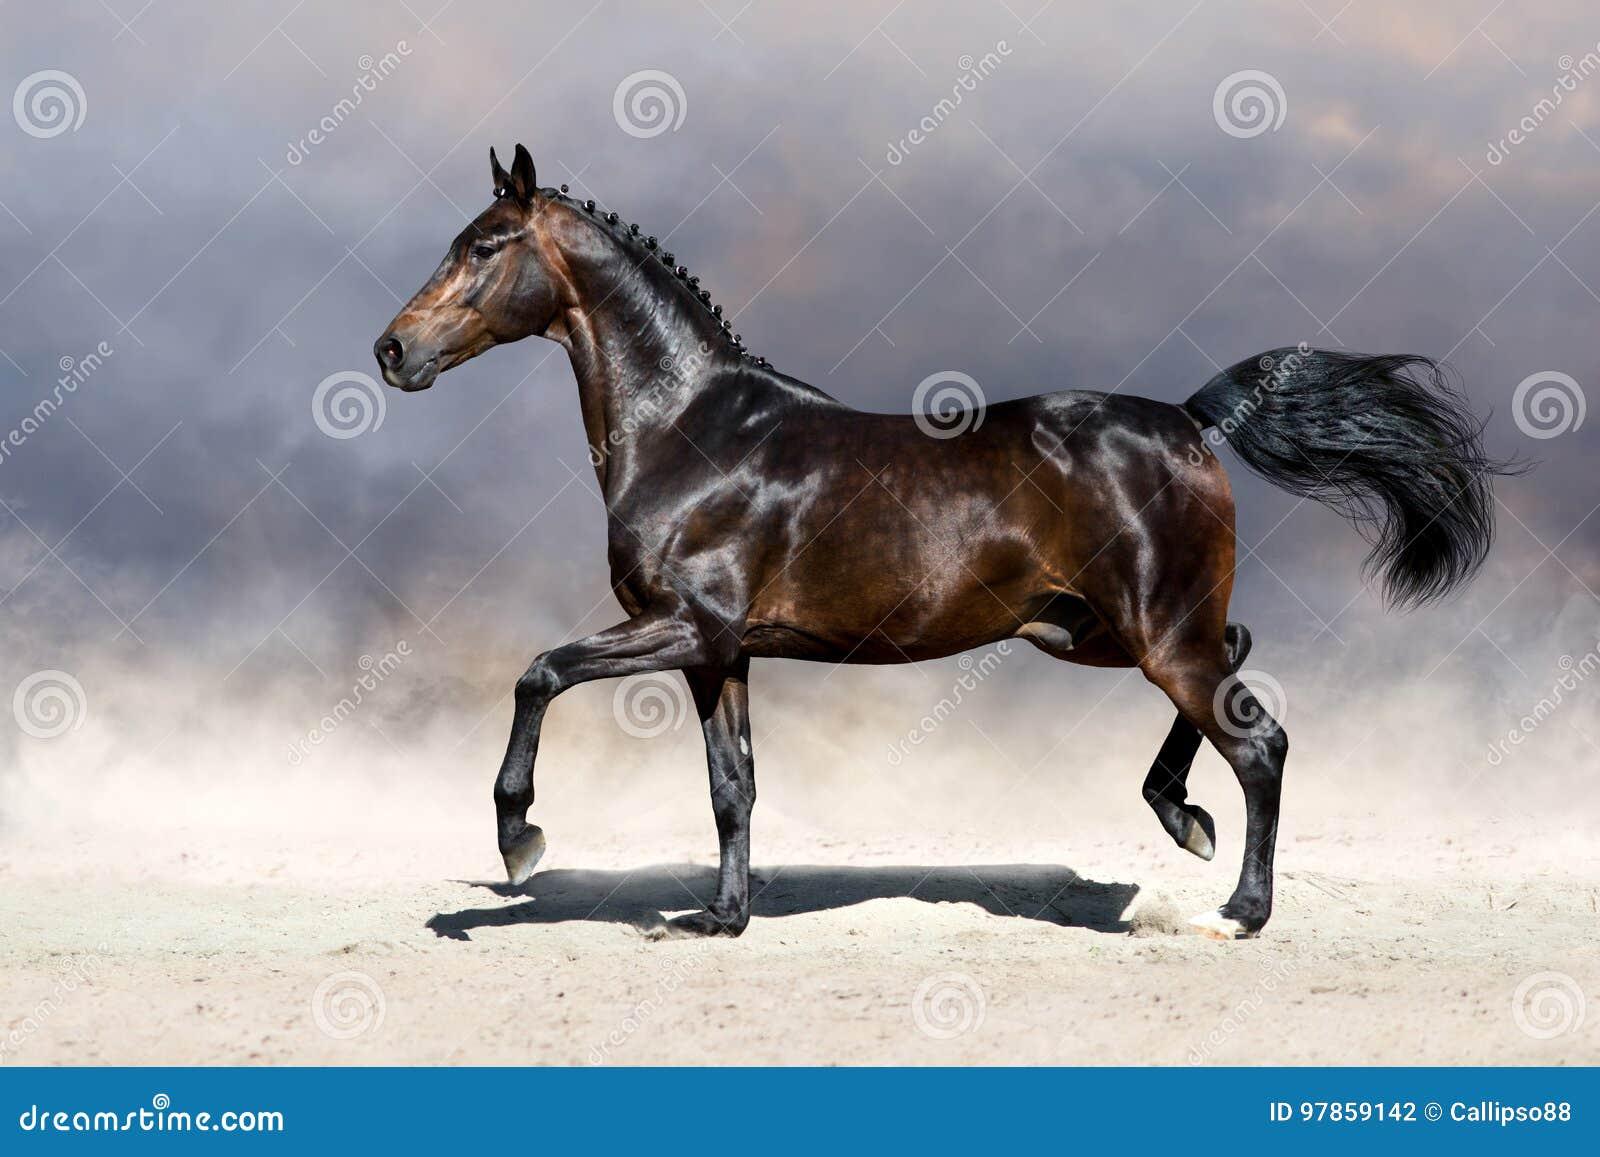 Horse trotting in desert